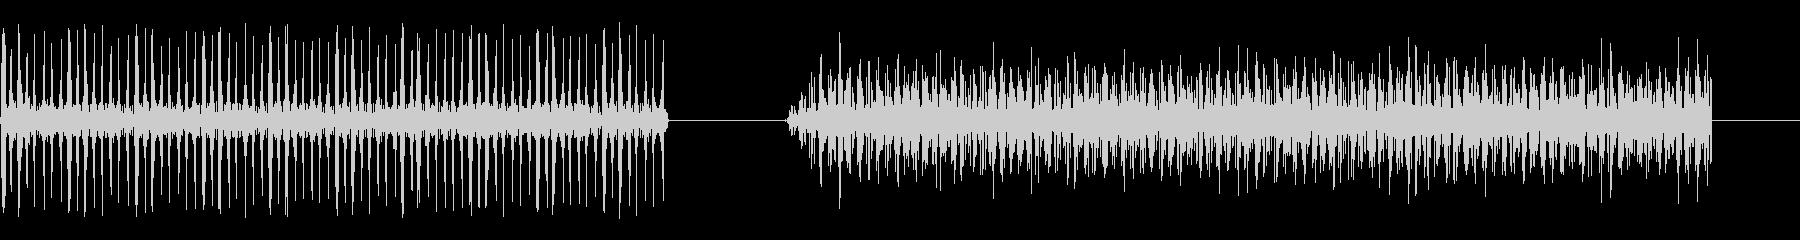 漫画-機械-2バージョンの未再生の波形